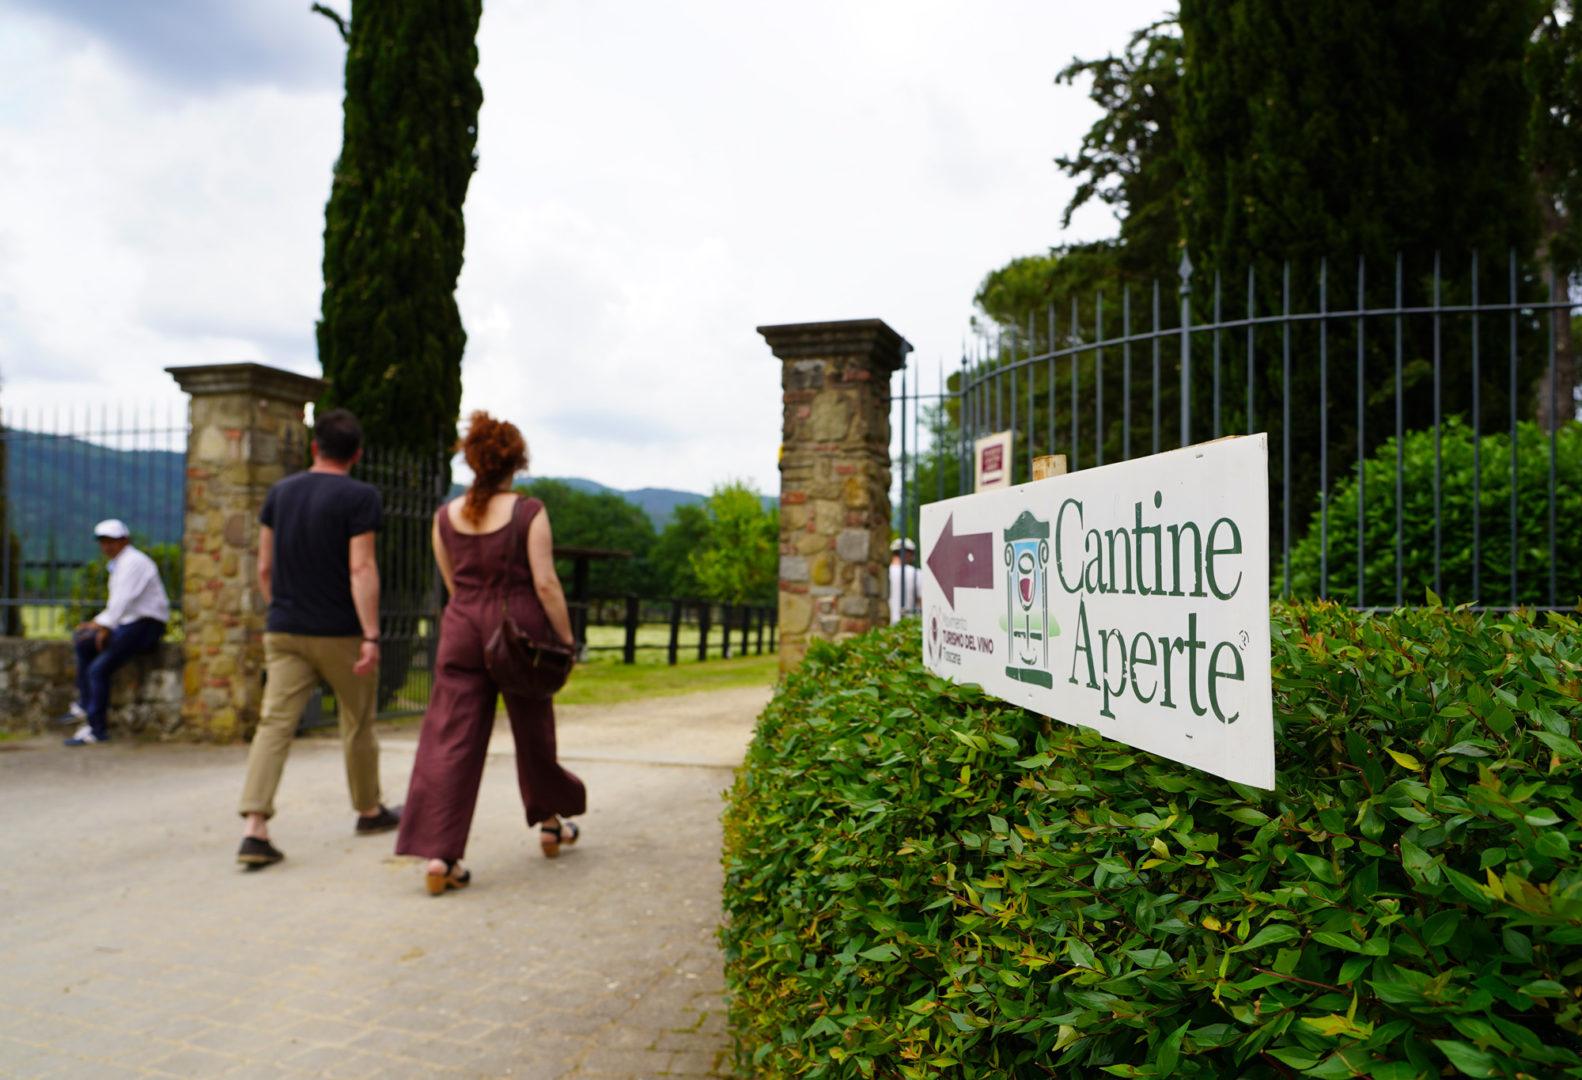 Podere San Bartolomeo Castagneto Carducci visite in cantina cantine aperte 2019 - movimento turismo